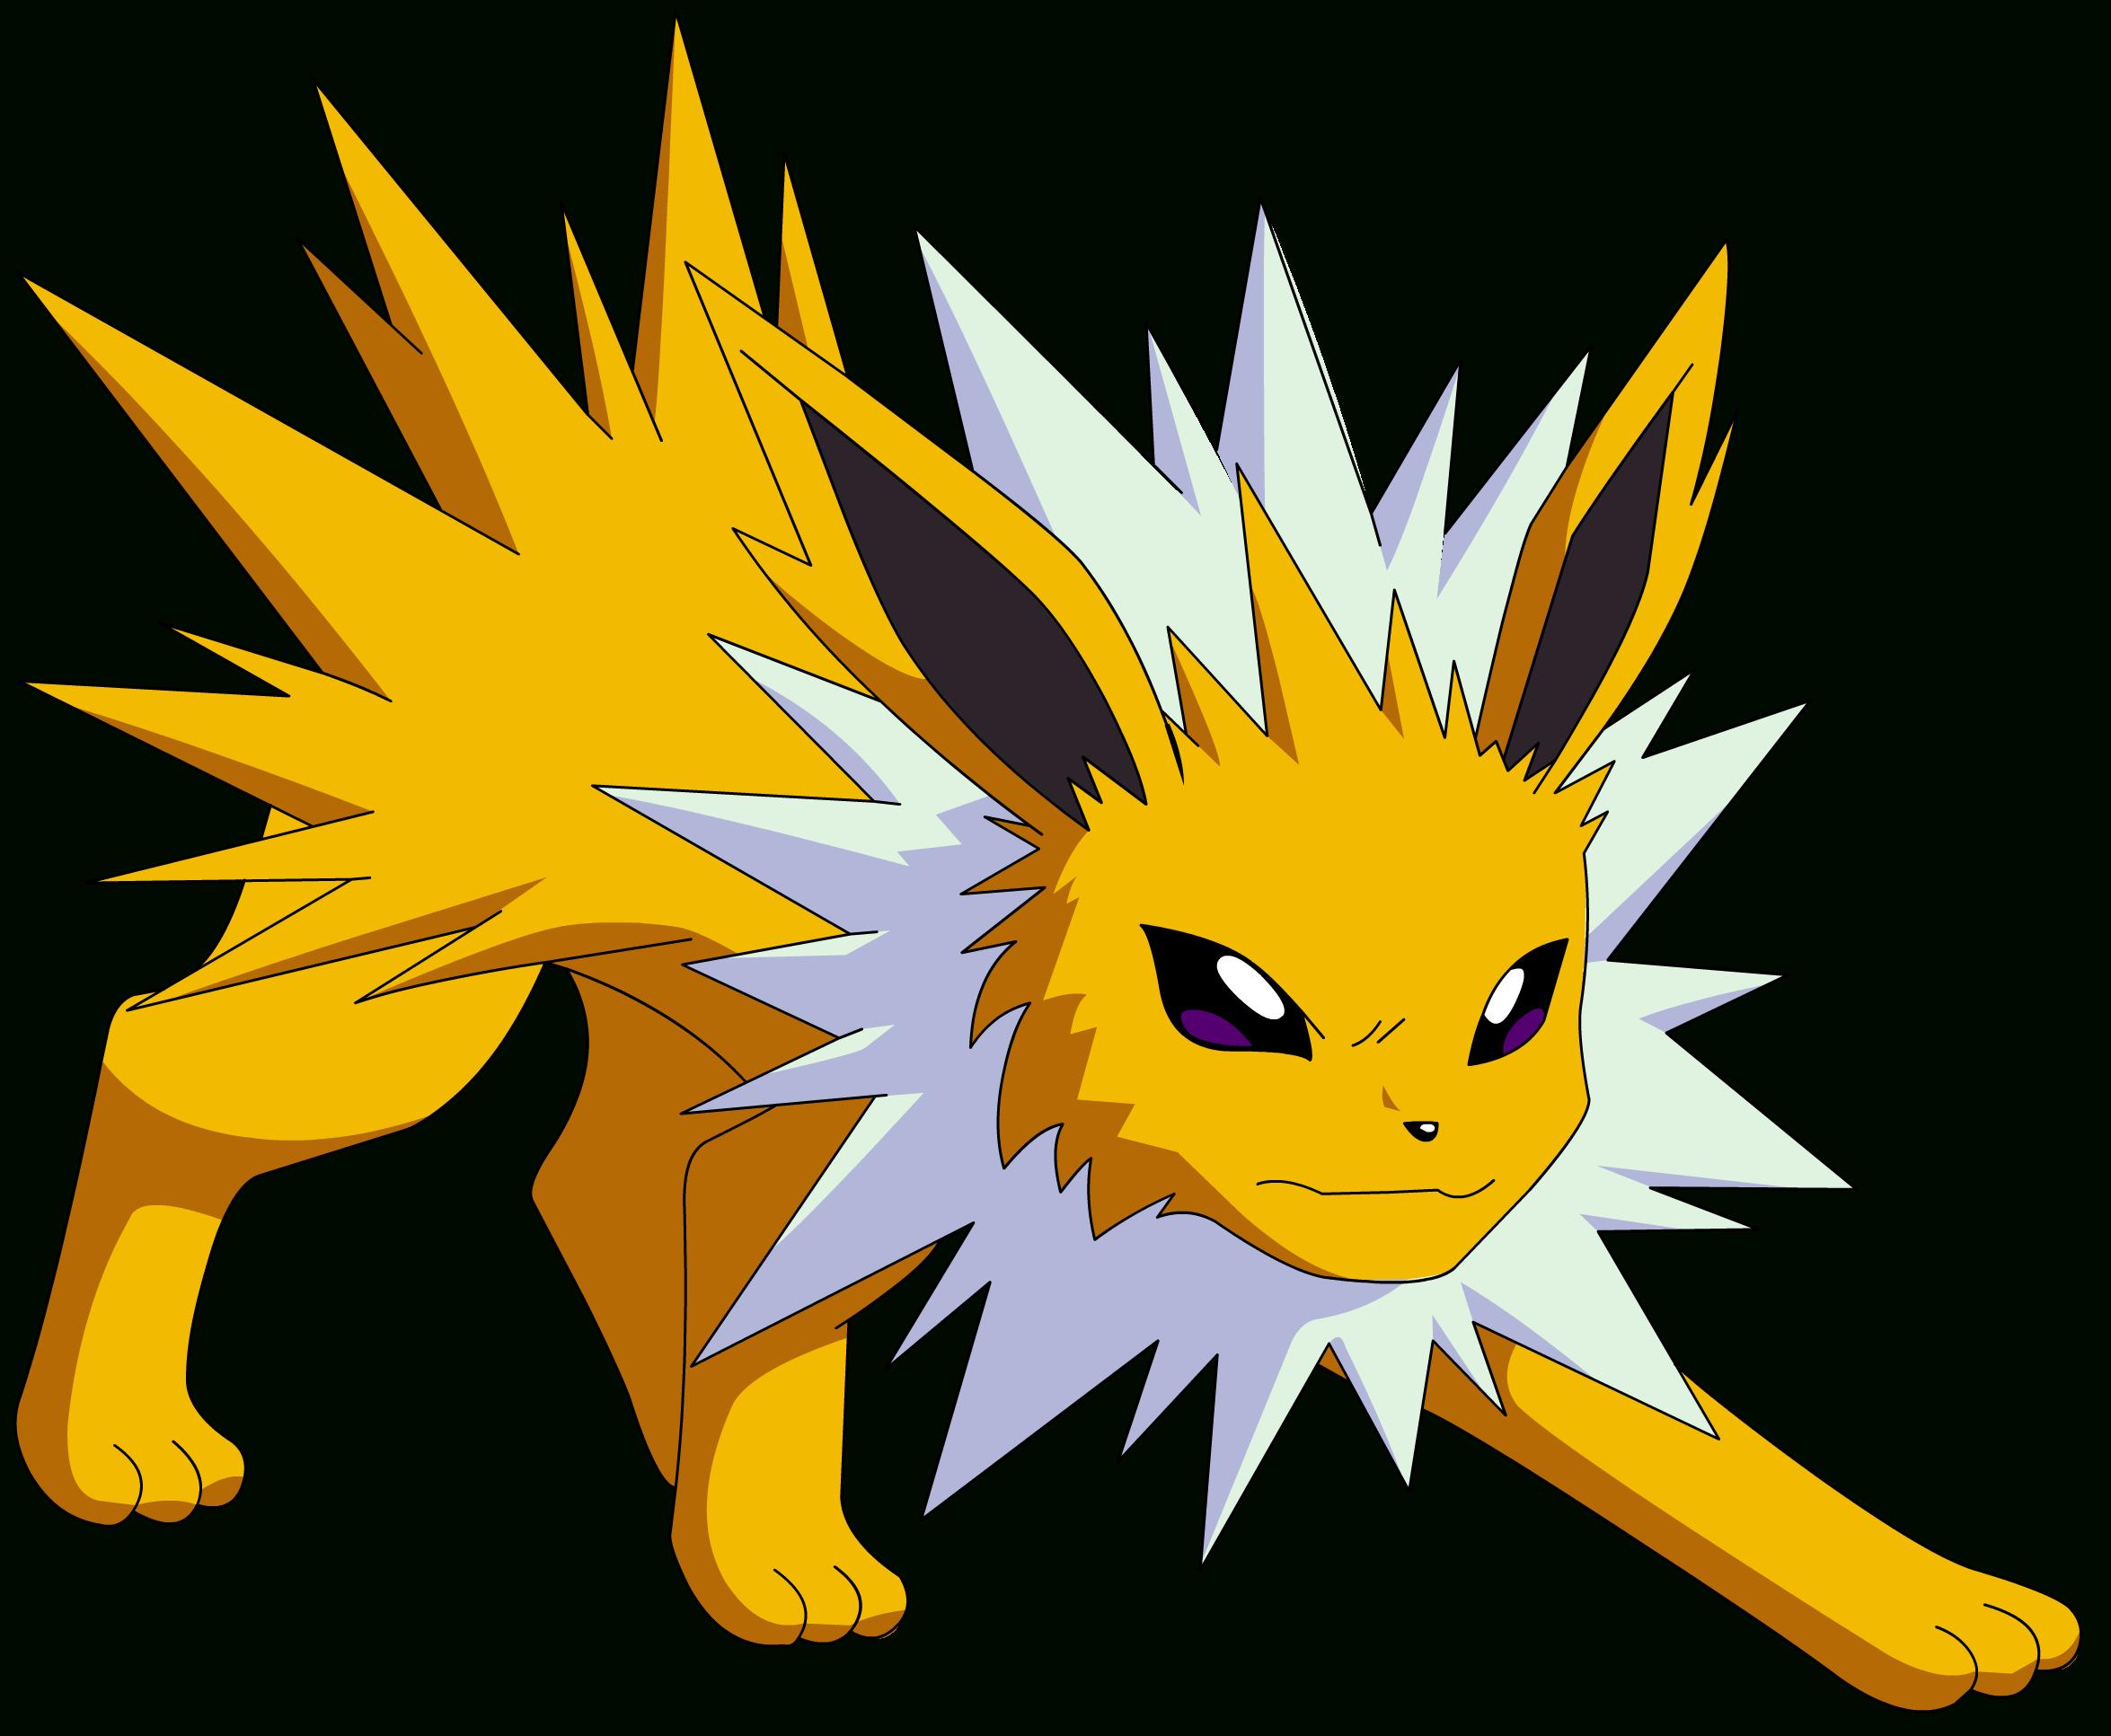 Dessins En Couleurs À Imprimer : Pokemon, Numéro : 509301 encequiconcerne Dessin De Pokemon En Couleur